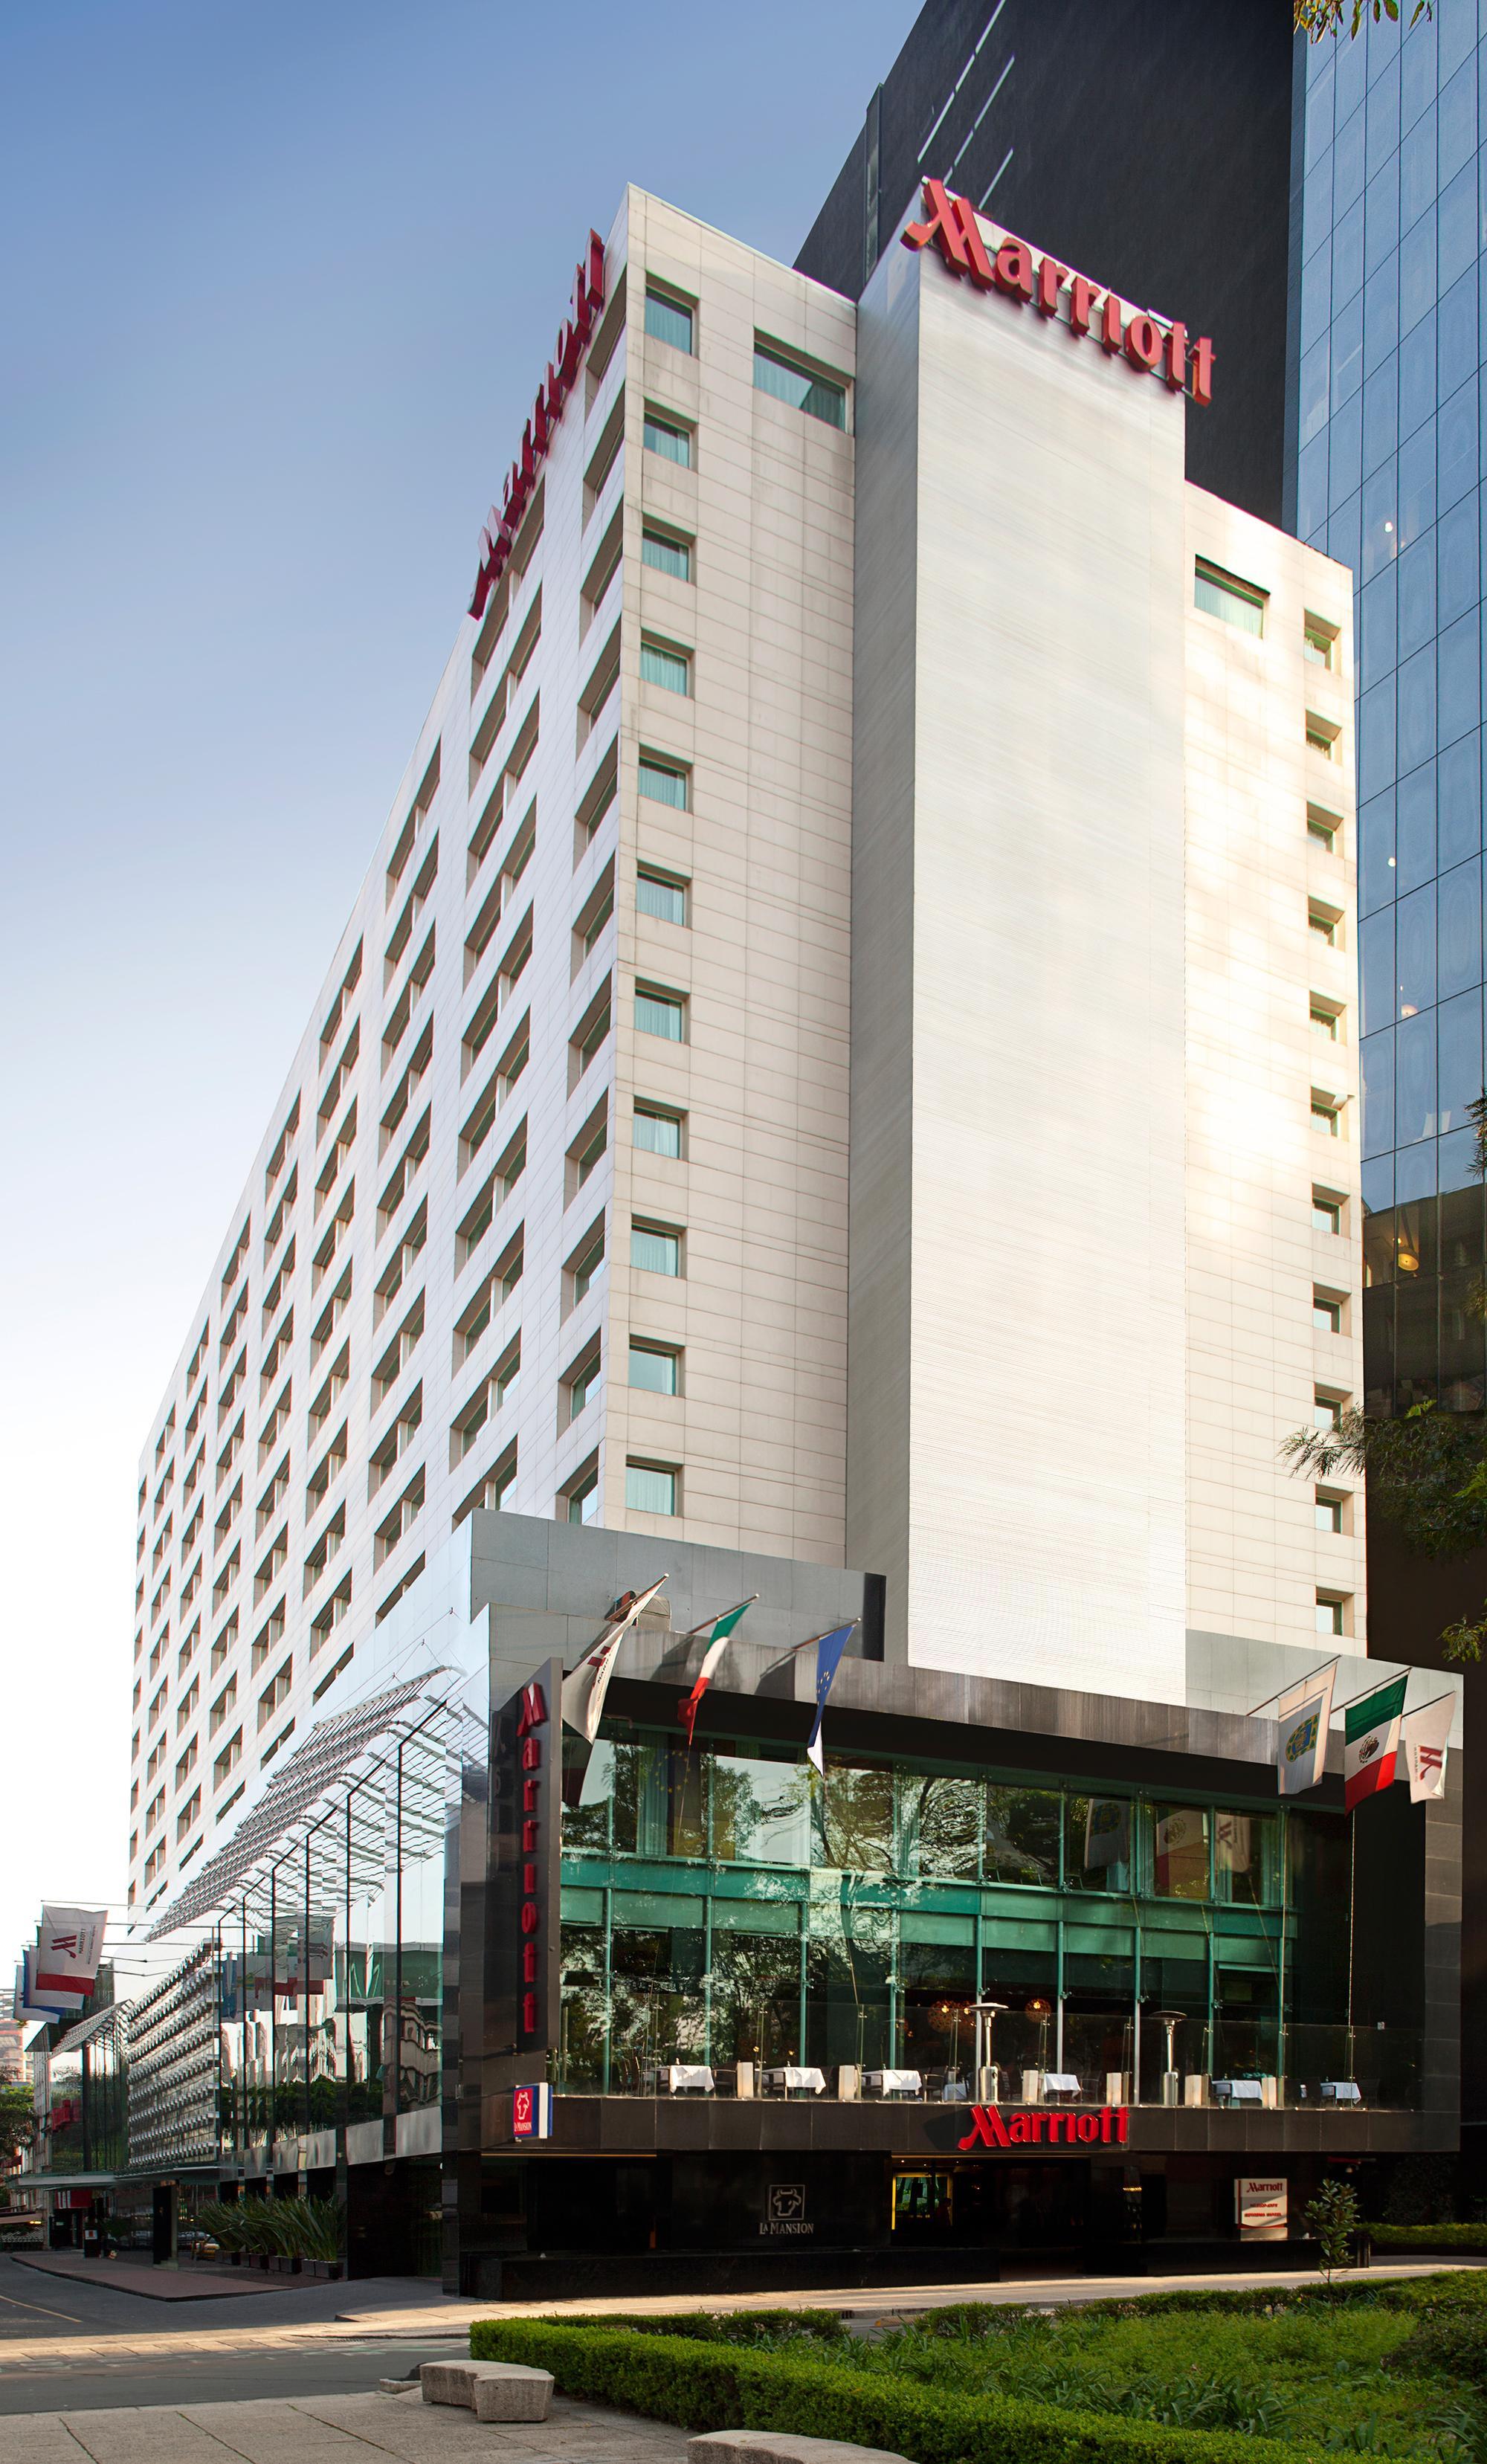 Hotel en México Mexico City Marriott Reforma Hotel